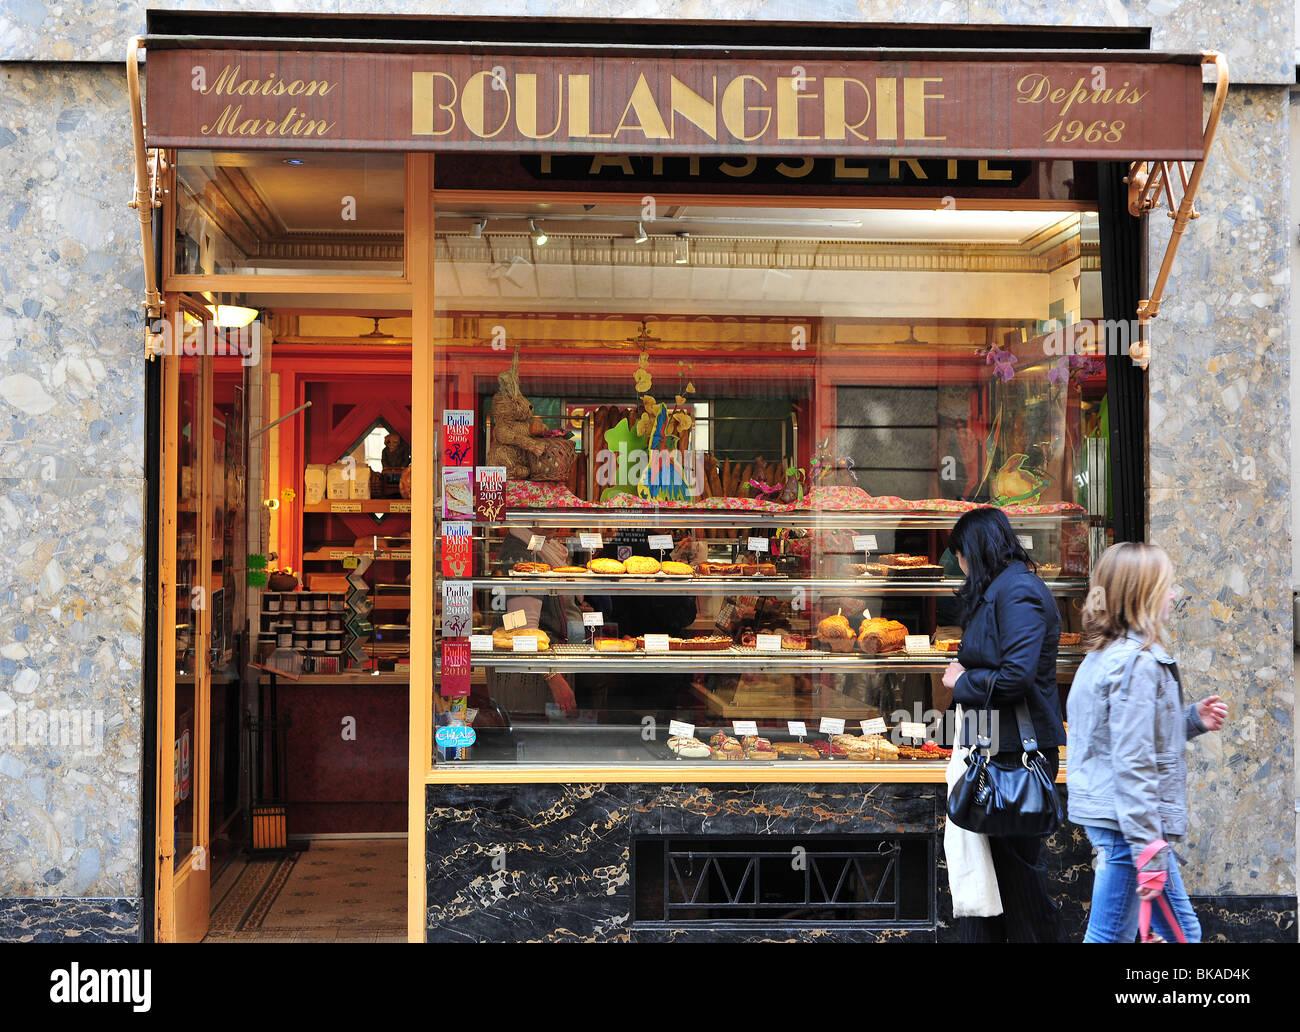 Paris Boulangerie in the Ile St Louis, 4th arrondissement - Stock Image